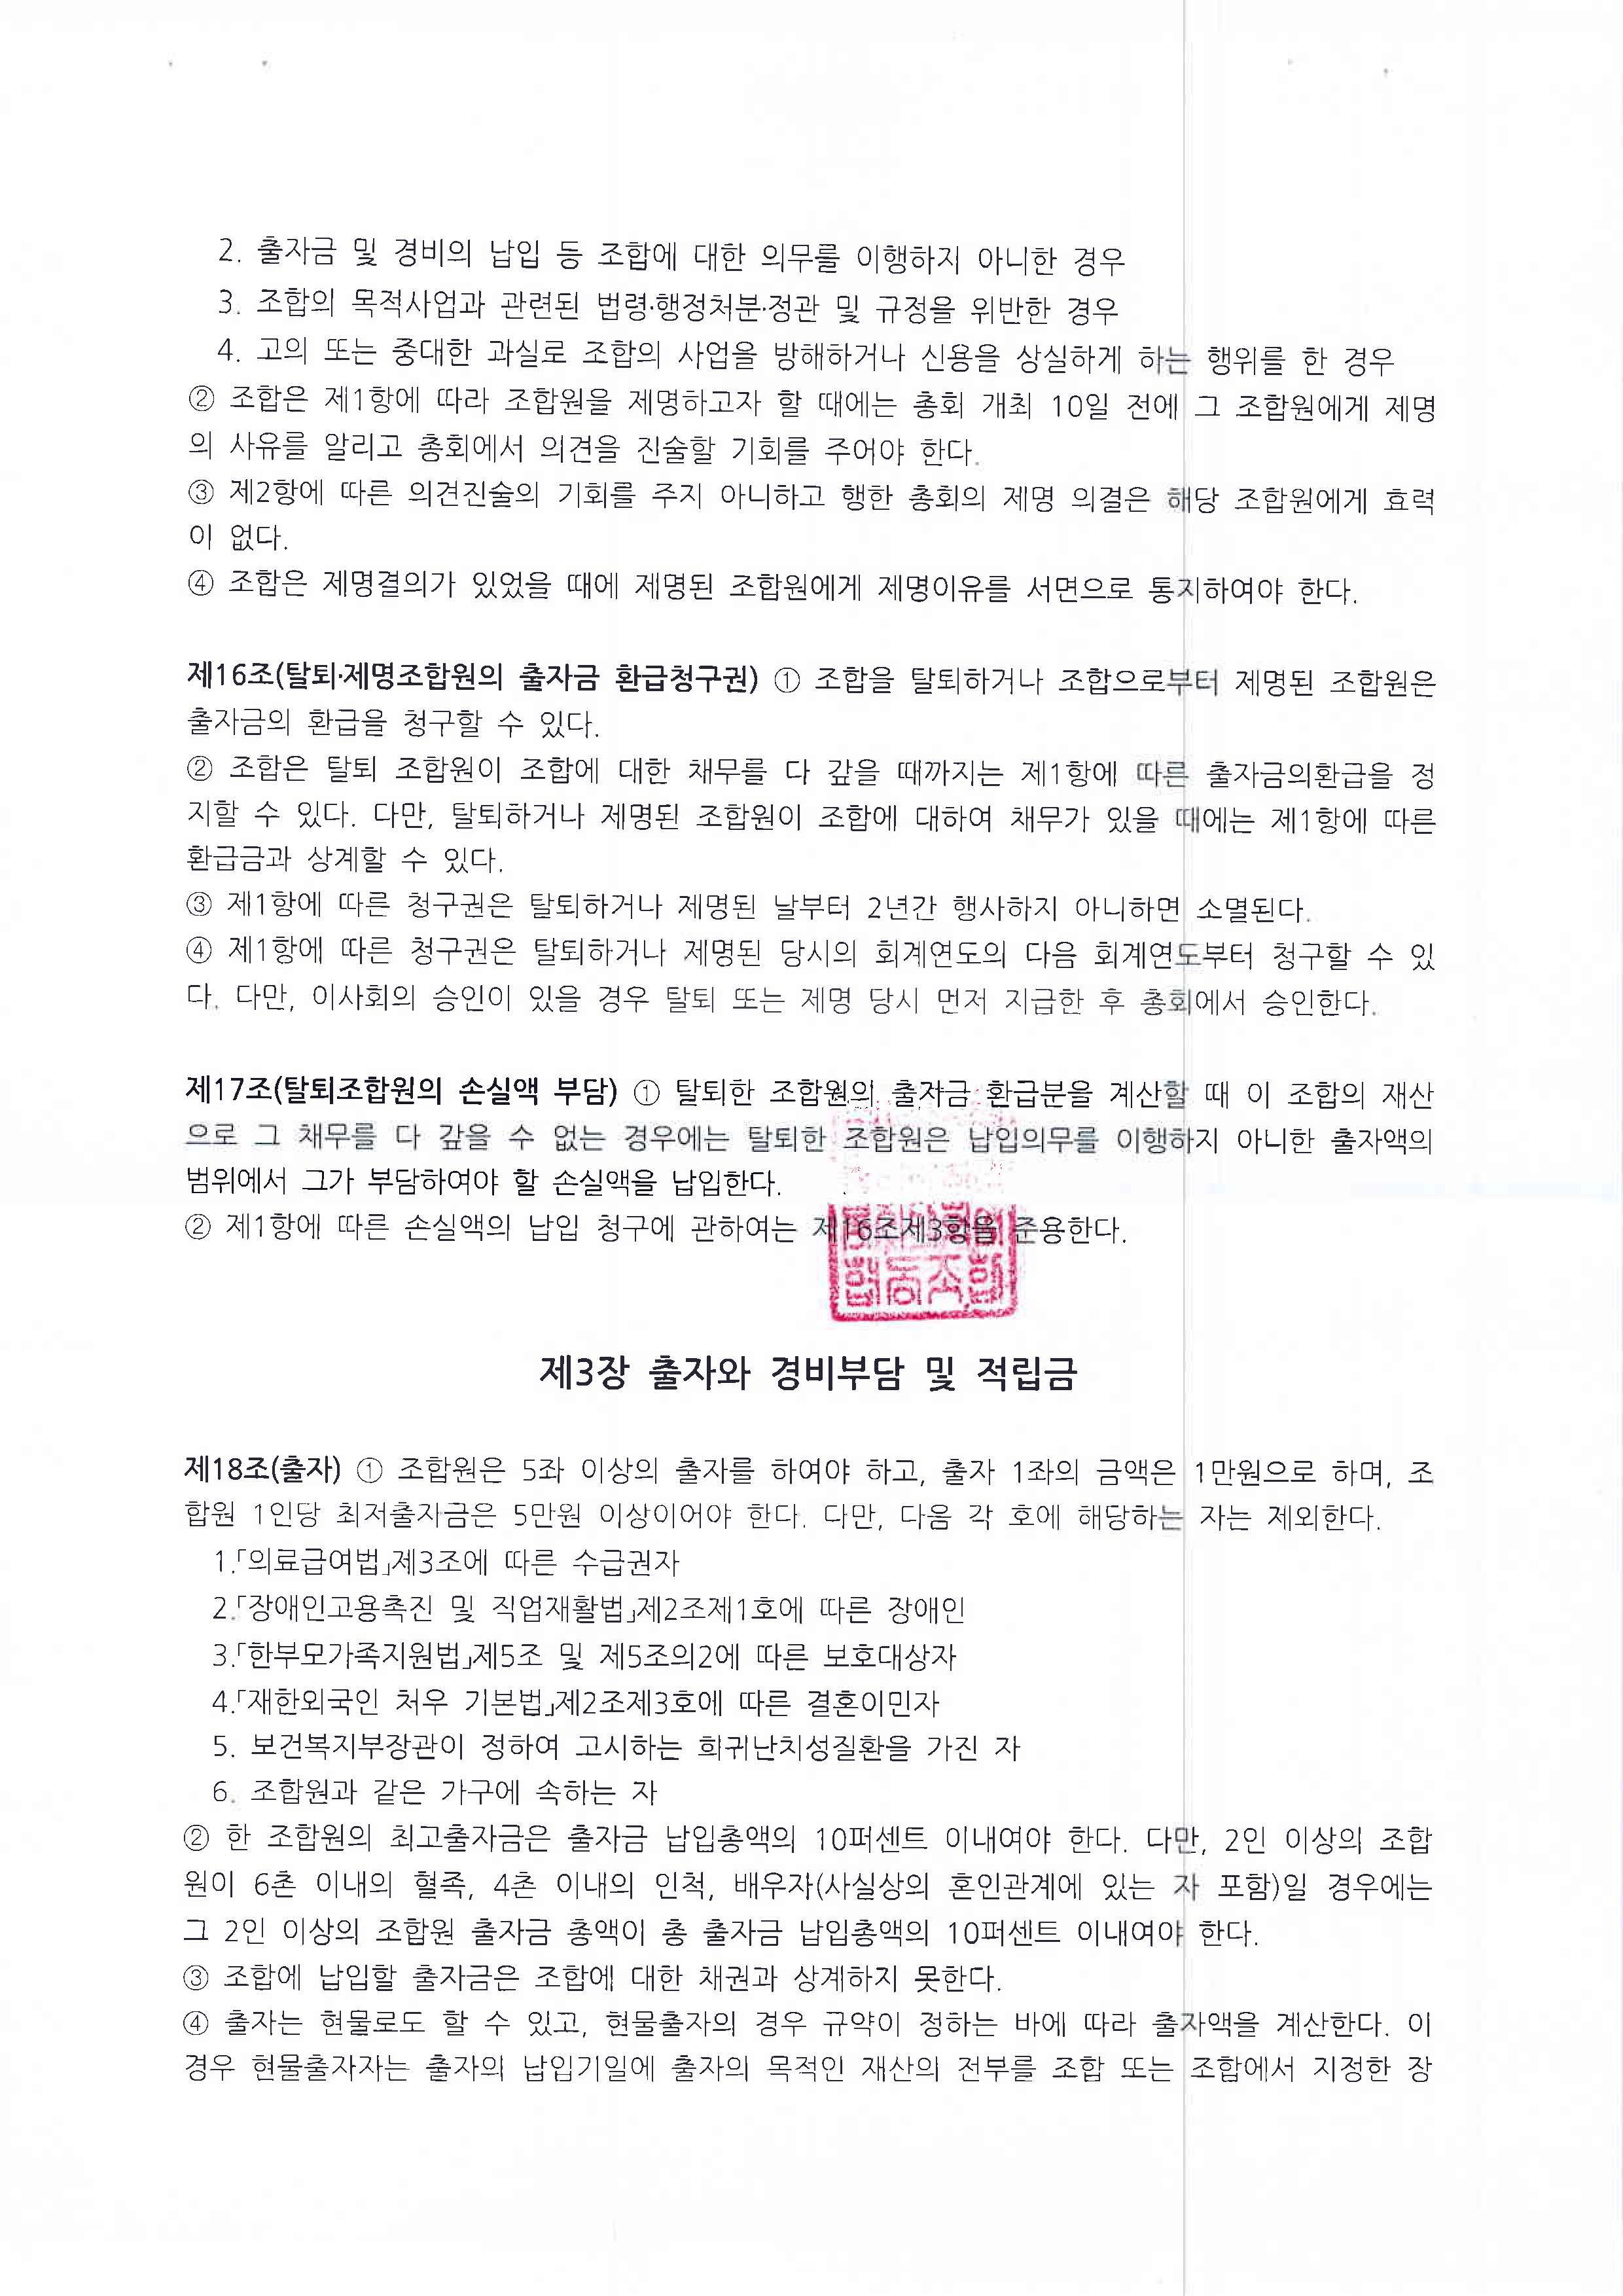 정관(20차 총회 개정안 반영)-원본대조필_페이지_05.jpg